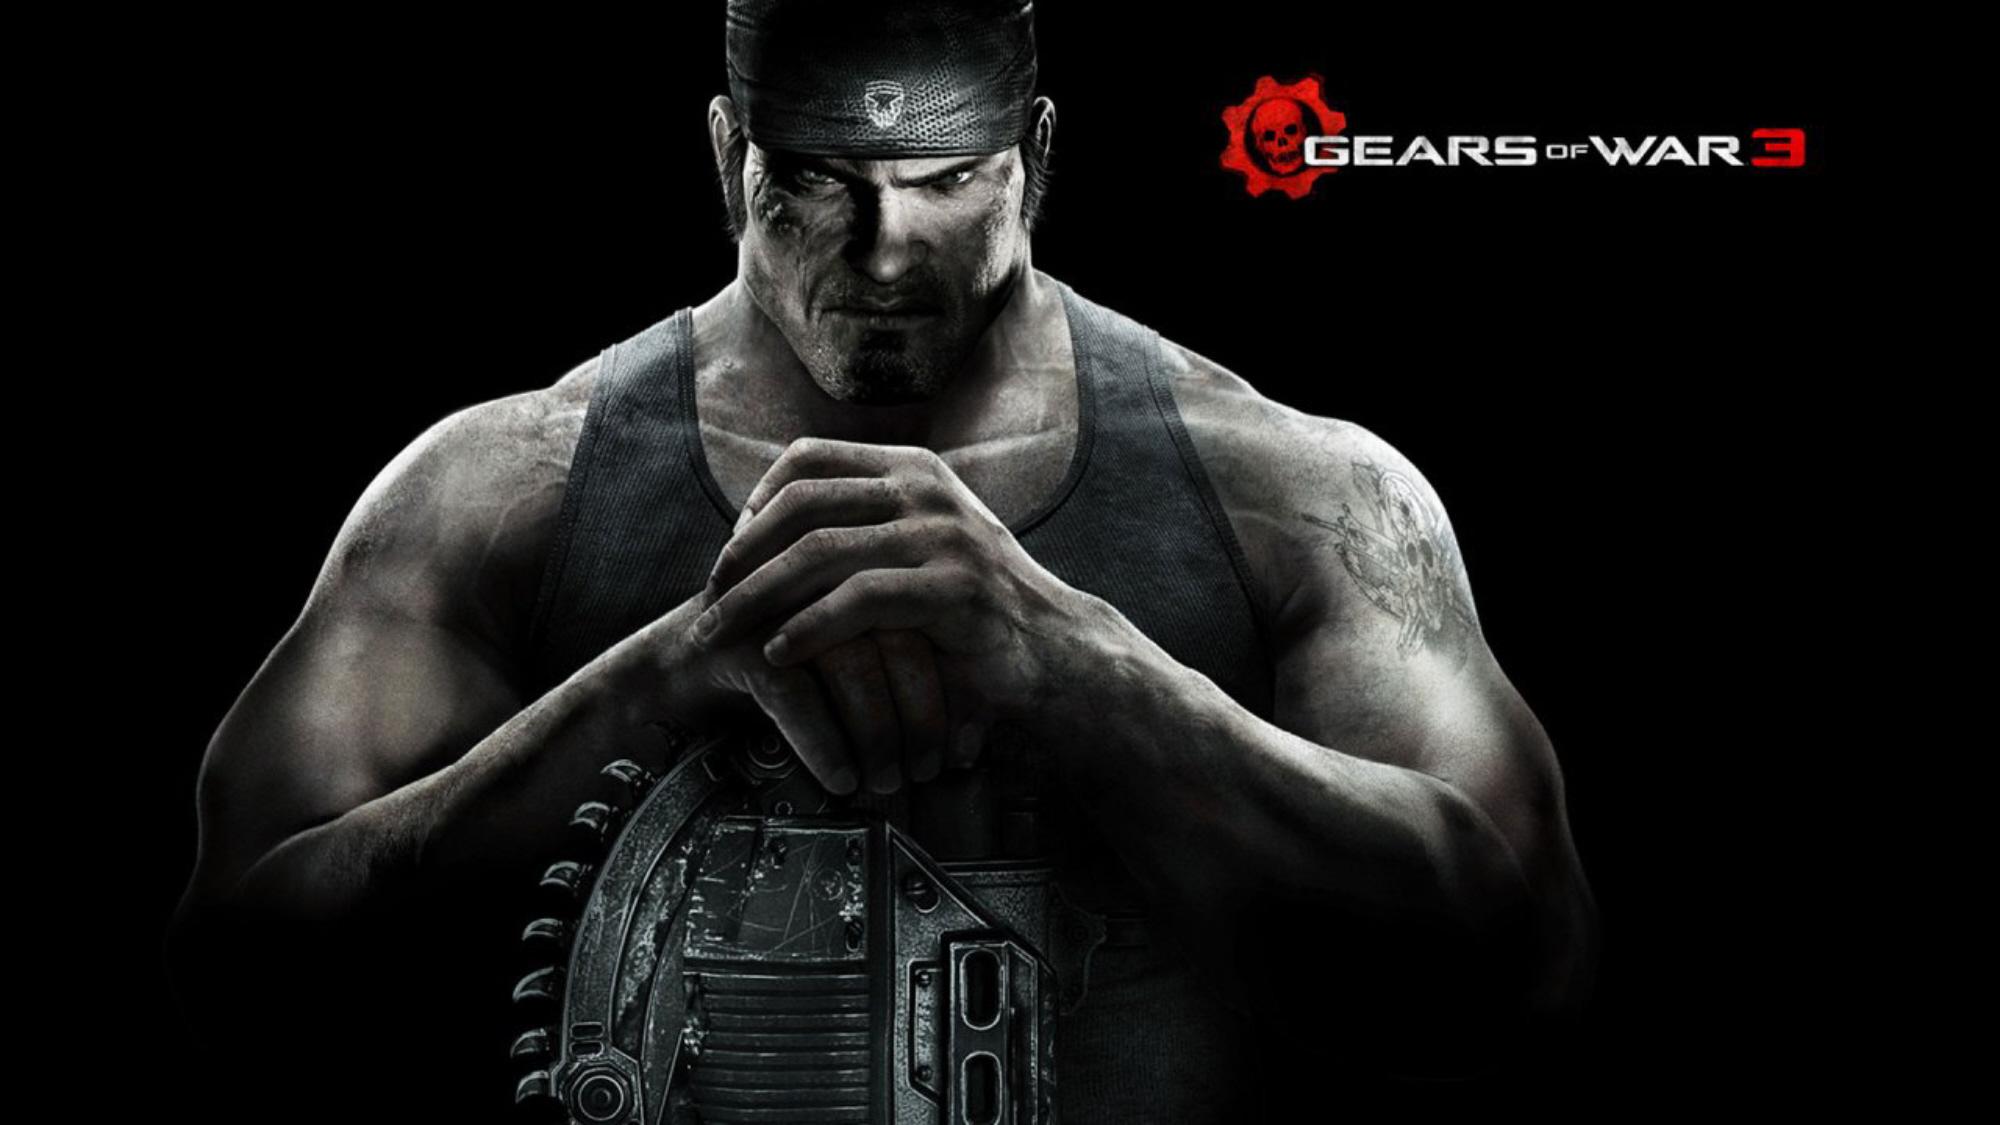 Gears Of War 3 Wallpaper Hd